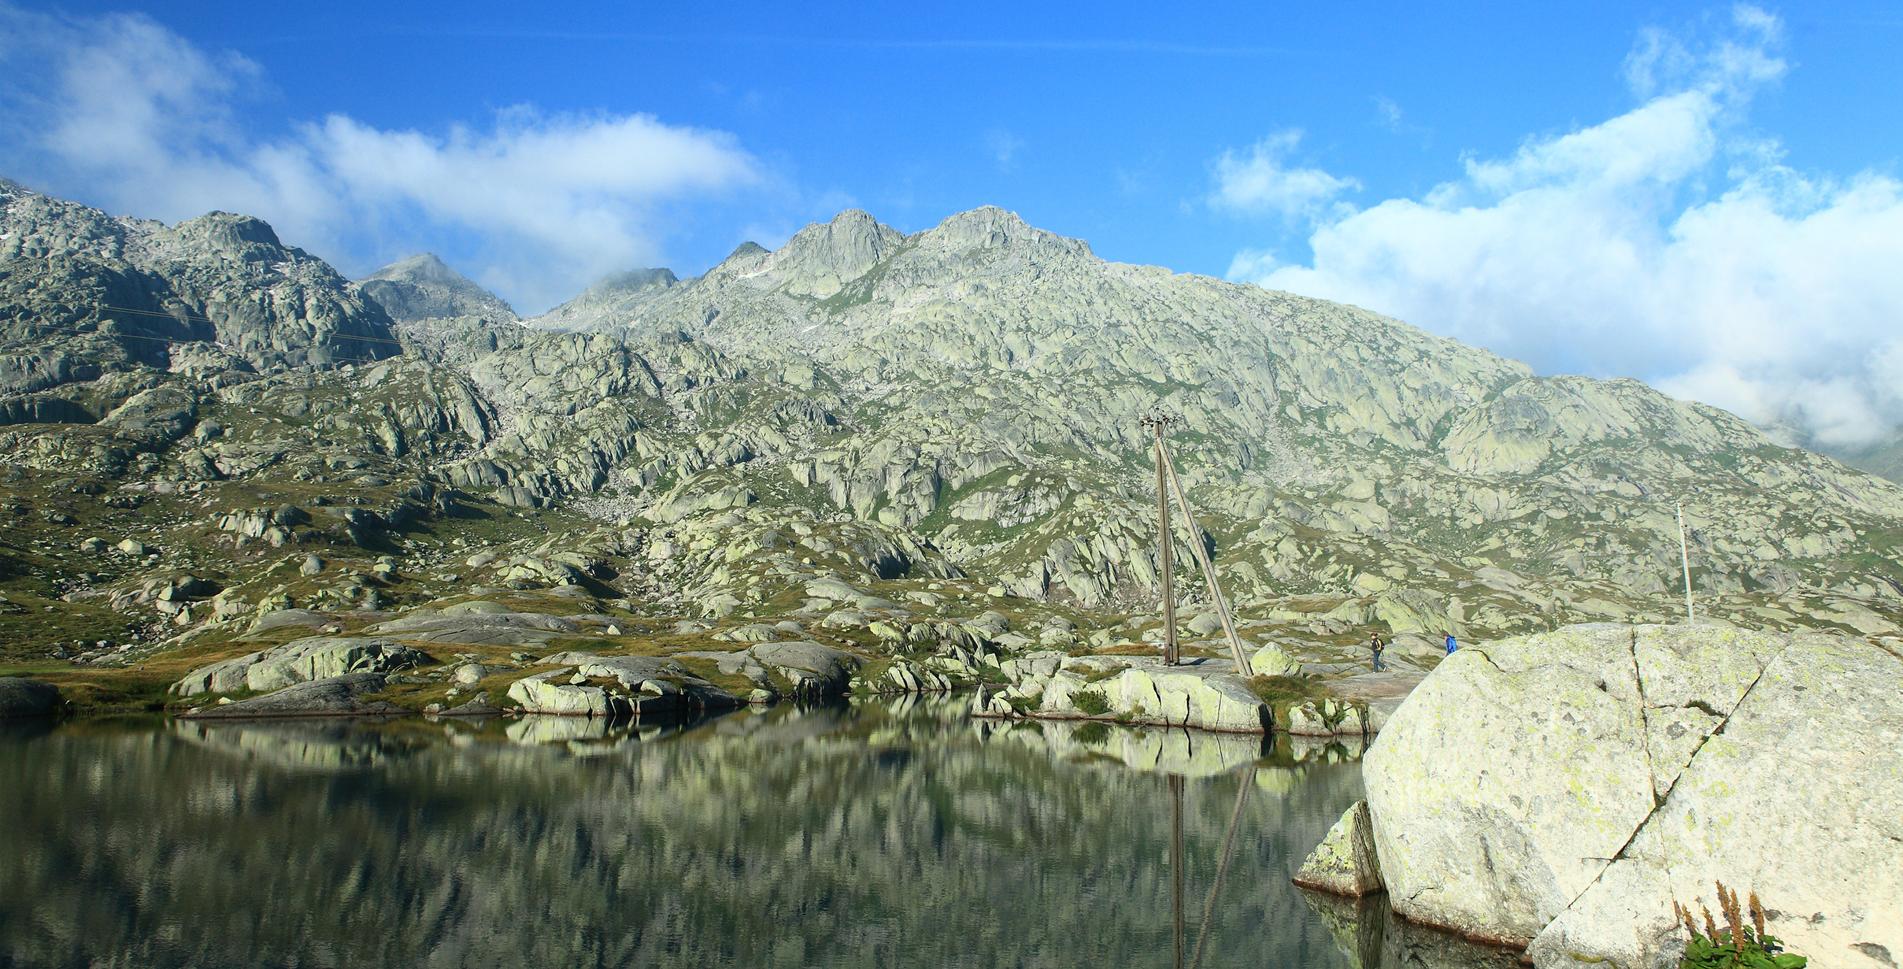 2. Etappe der Wanderung auf dem Vier-Quellen-Weg von der Vermigelhütte via Zingelfurtflue, Summermatten, Sellapass / Passo della Sella, Giübin, Passo Posmeda, Lago della Sella, Cna della Bolla zum Gotthardpass